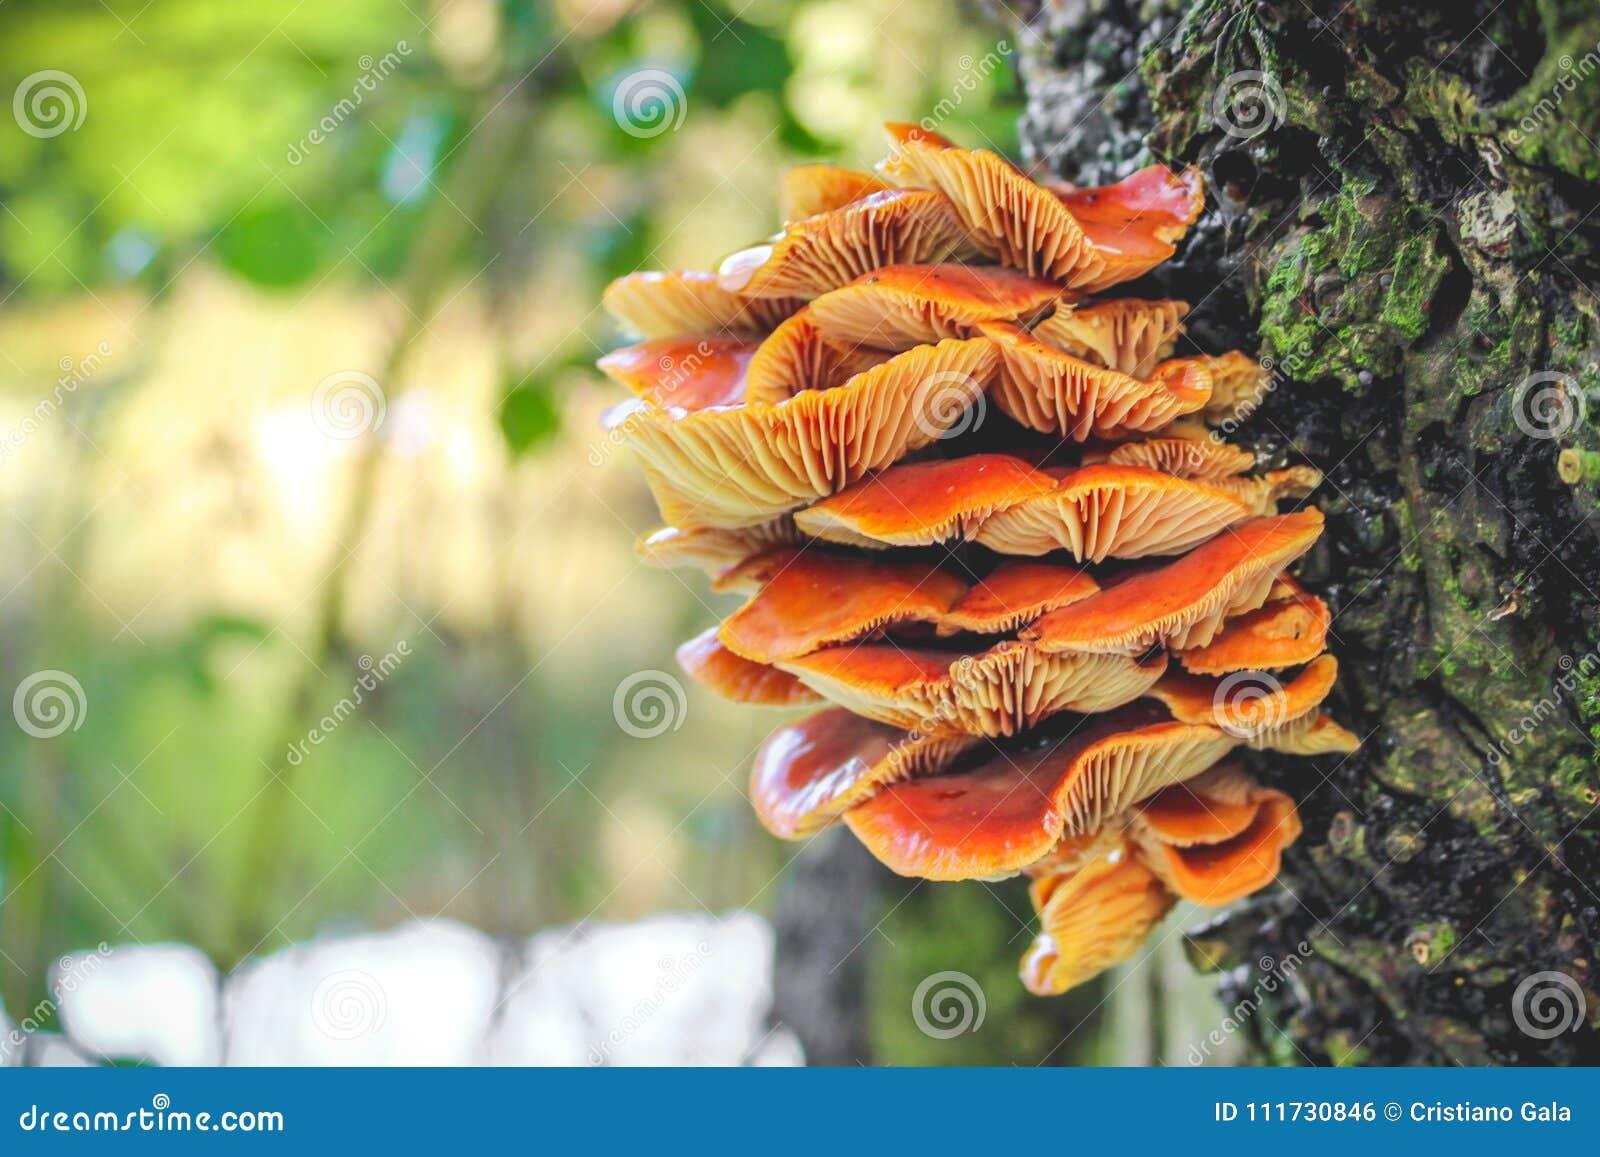 Champignons oranges sur le tronc d 39 arbre photo stock - Champignon sur tronc d arbre ...